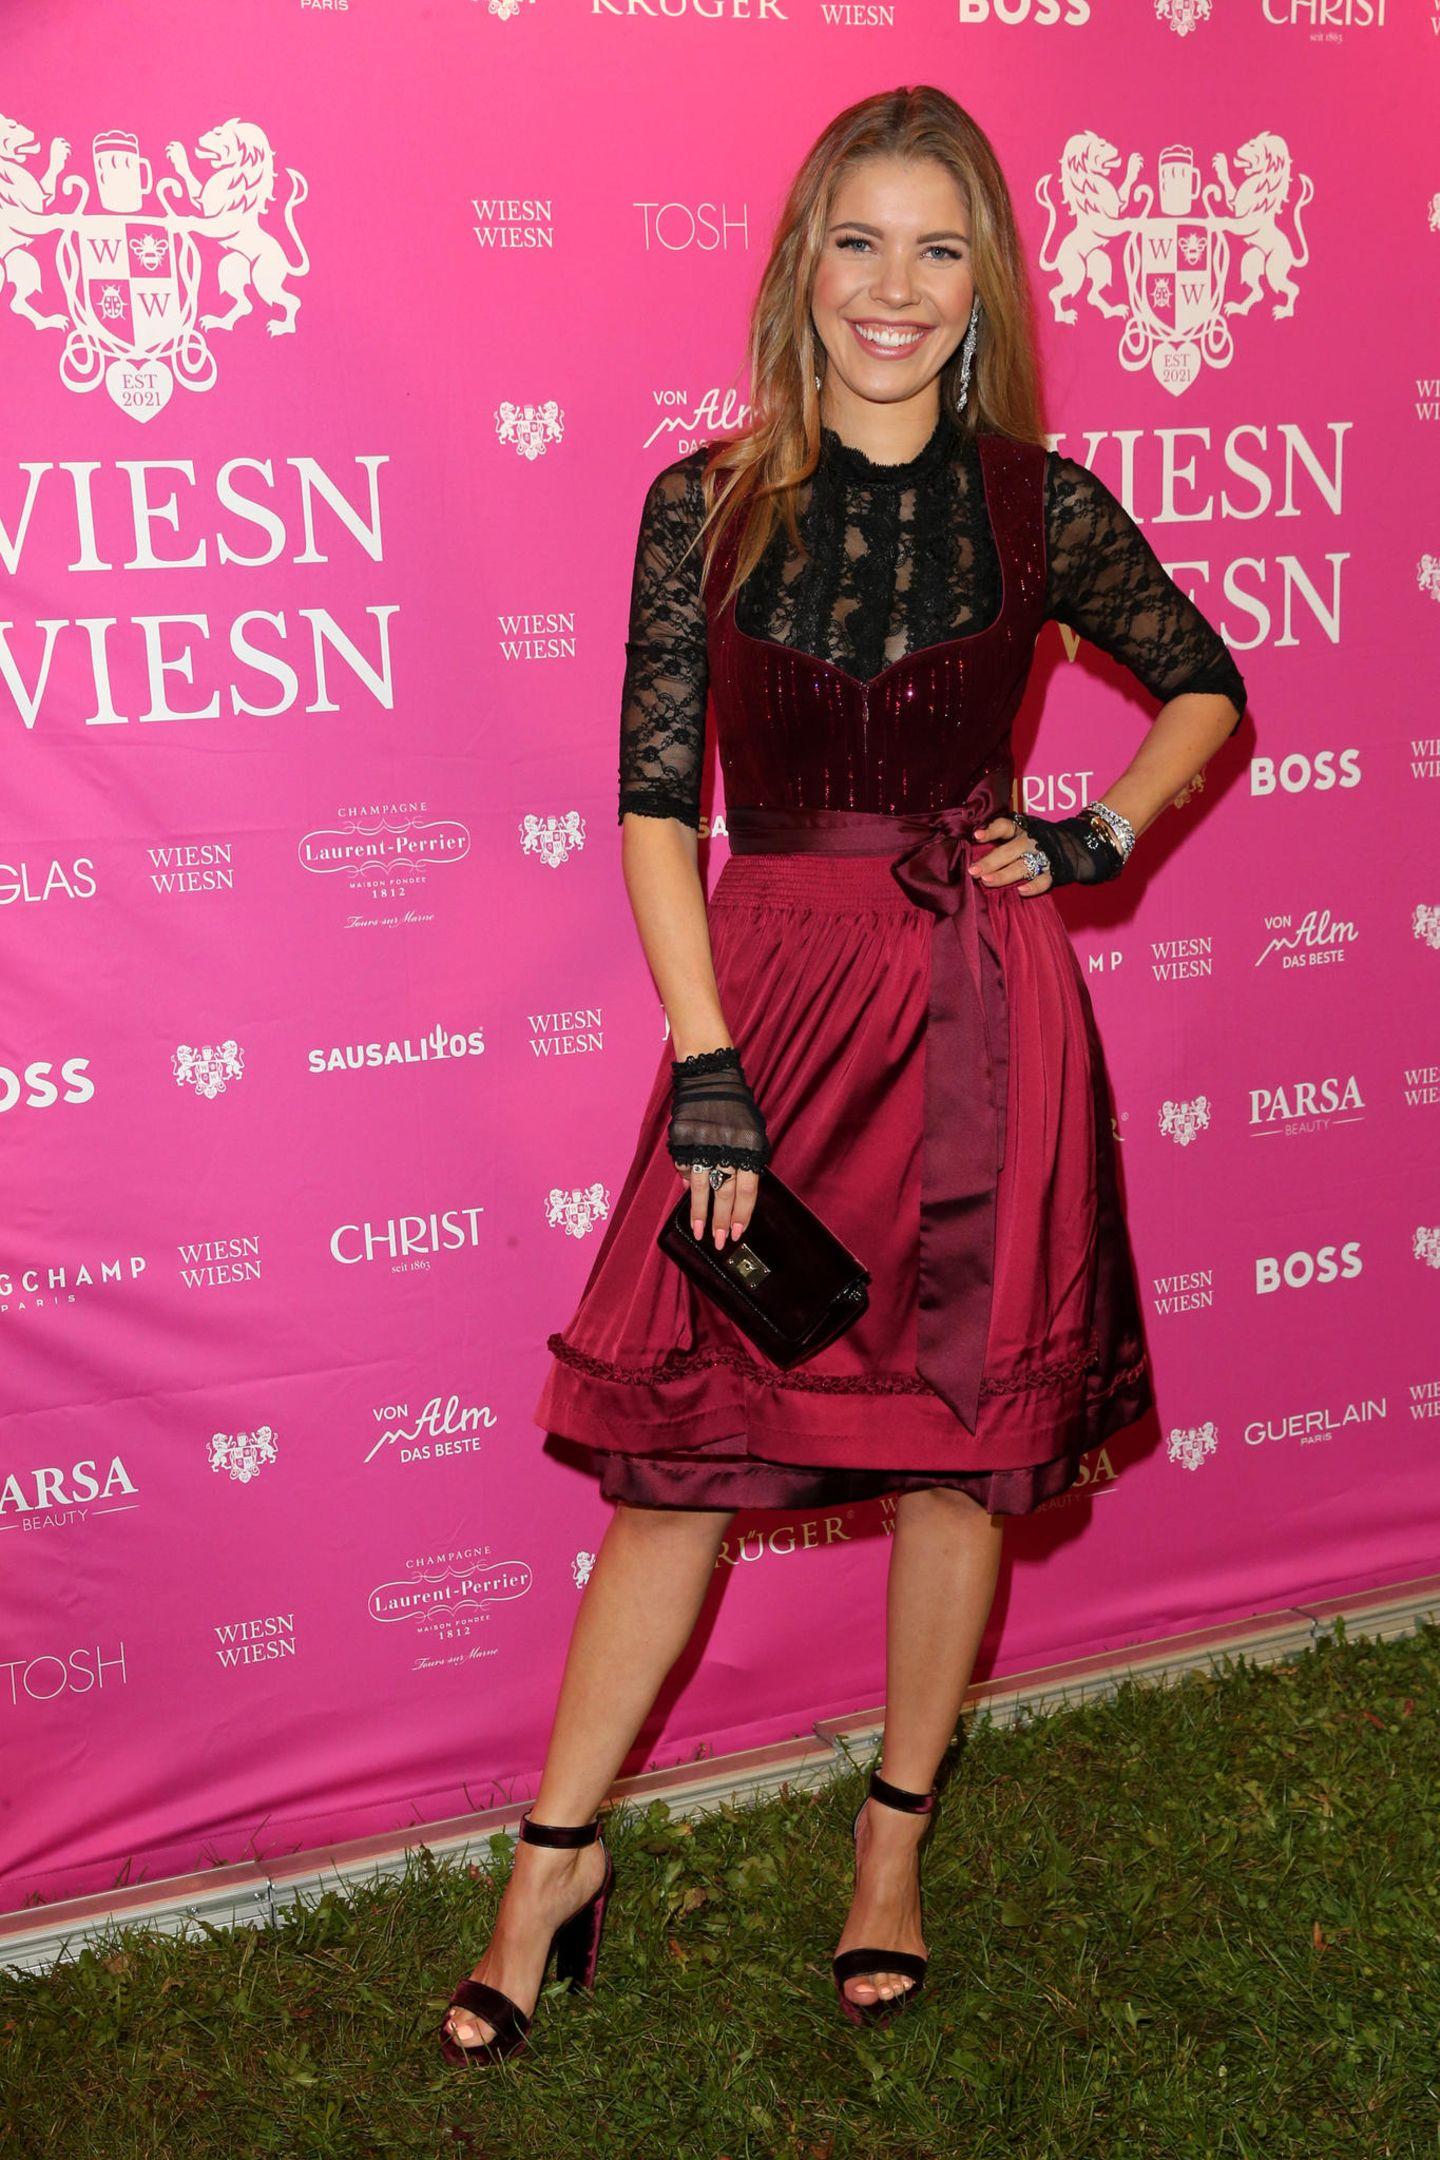 """Victoria Swarovski setzt auf der """"Wiesn Wiesn""""auf einen rockigen Dirndl-Look in Schwarz-Rot. Die Spitzendeatils machen das Outfit elegant."""